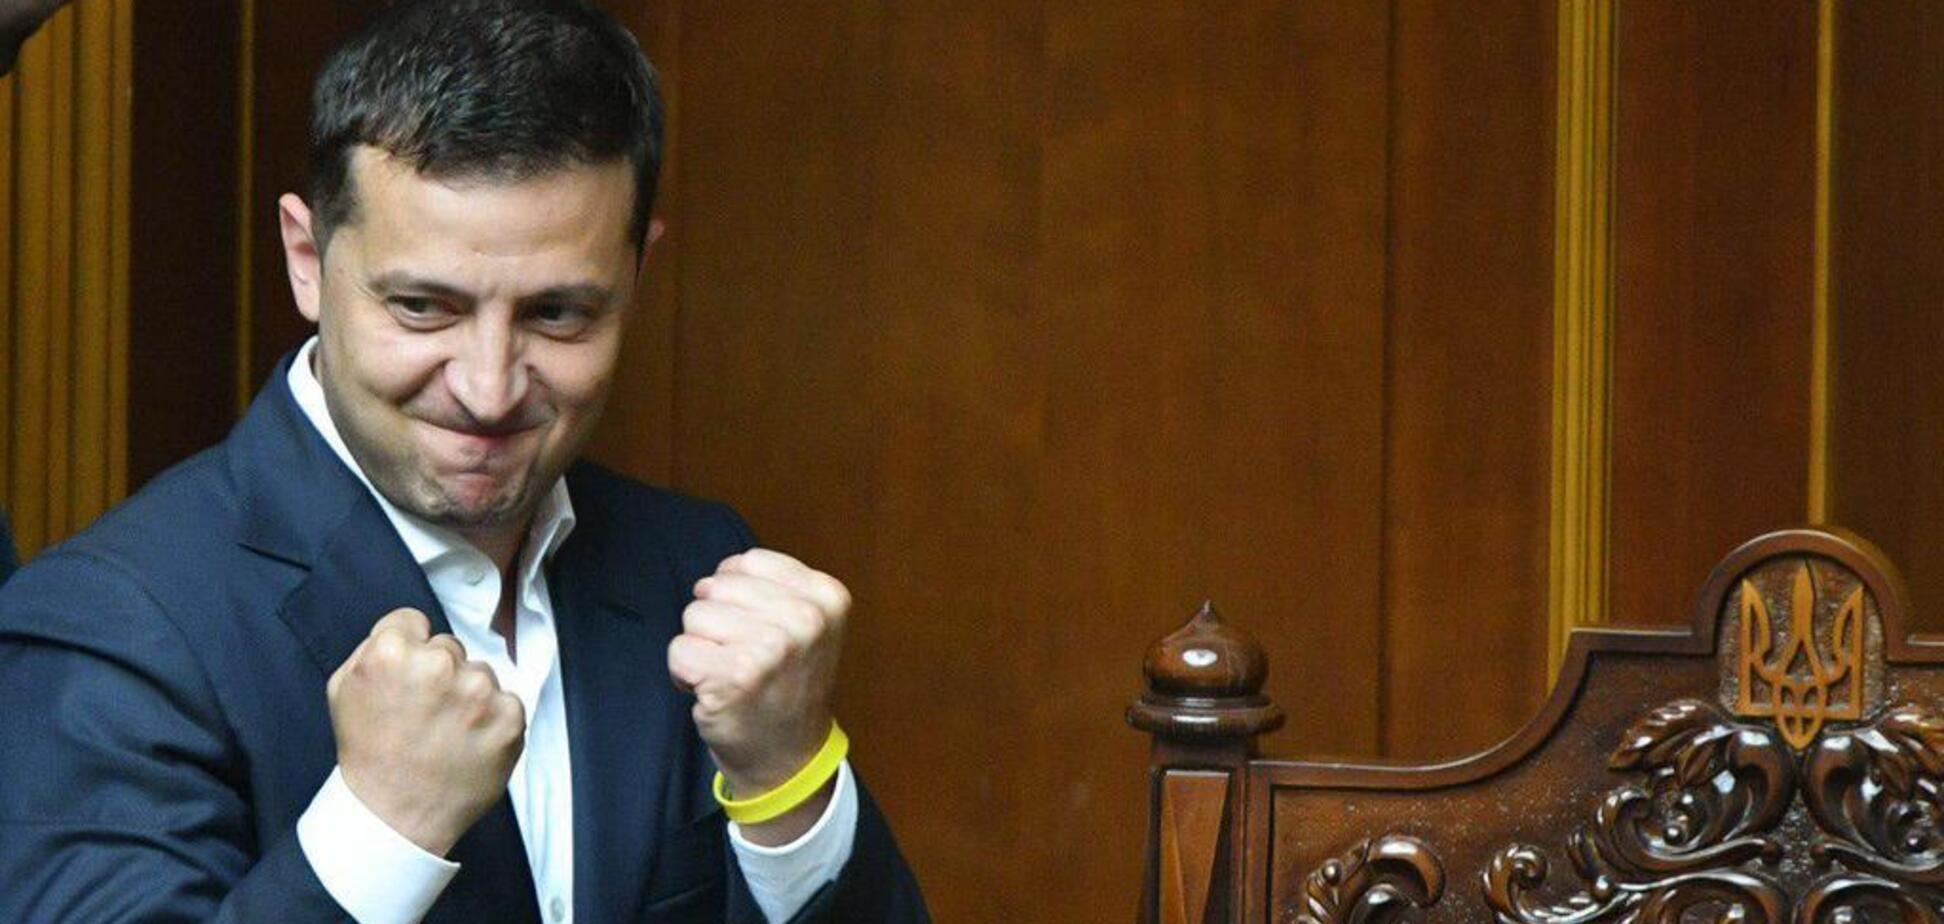 Зеленський повернув кримінальну відповідальність за незаконне збагачення: у чому суть